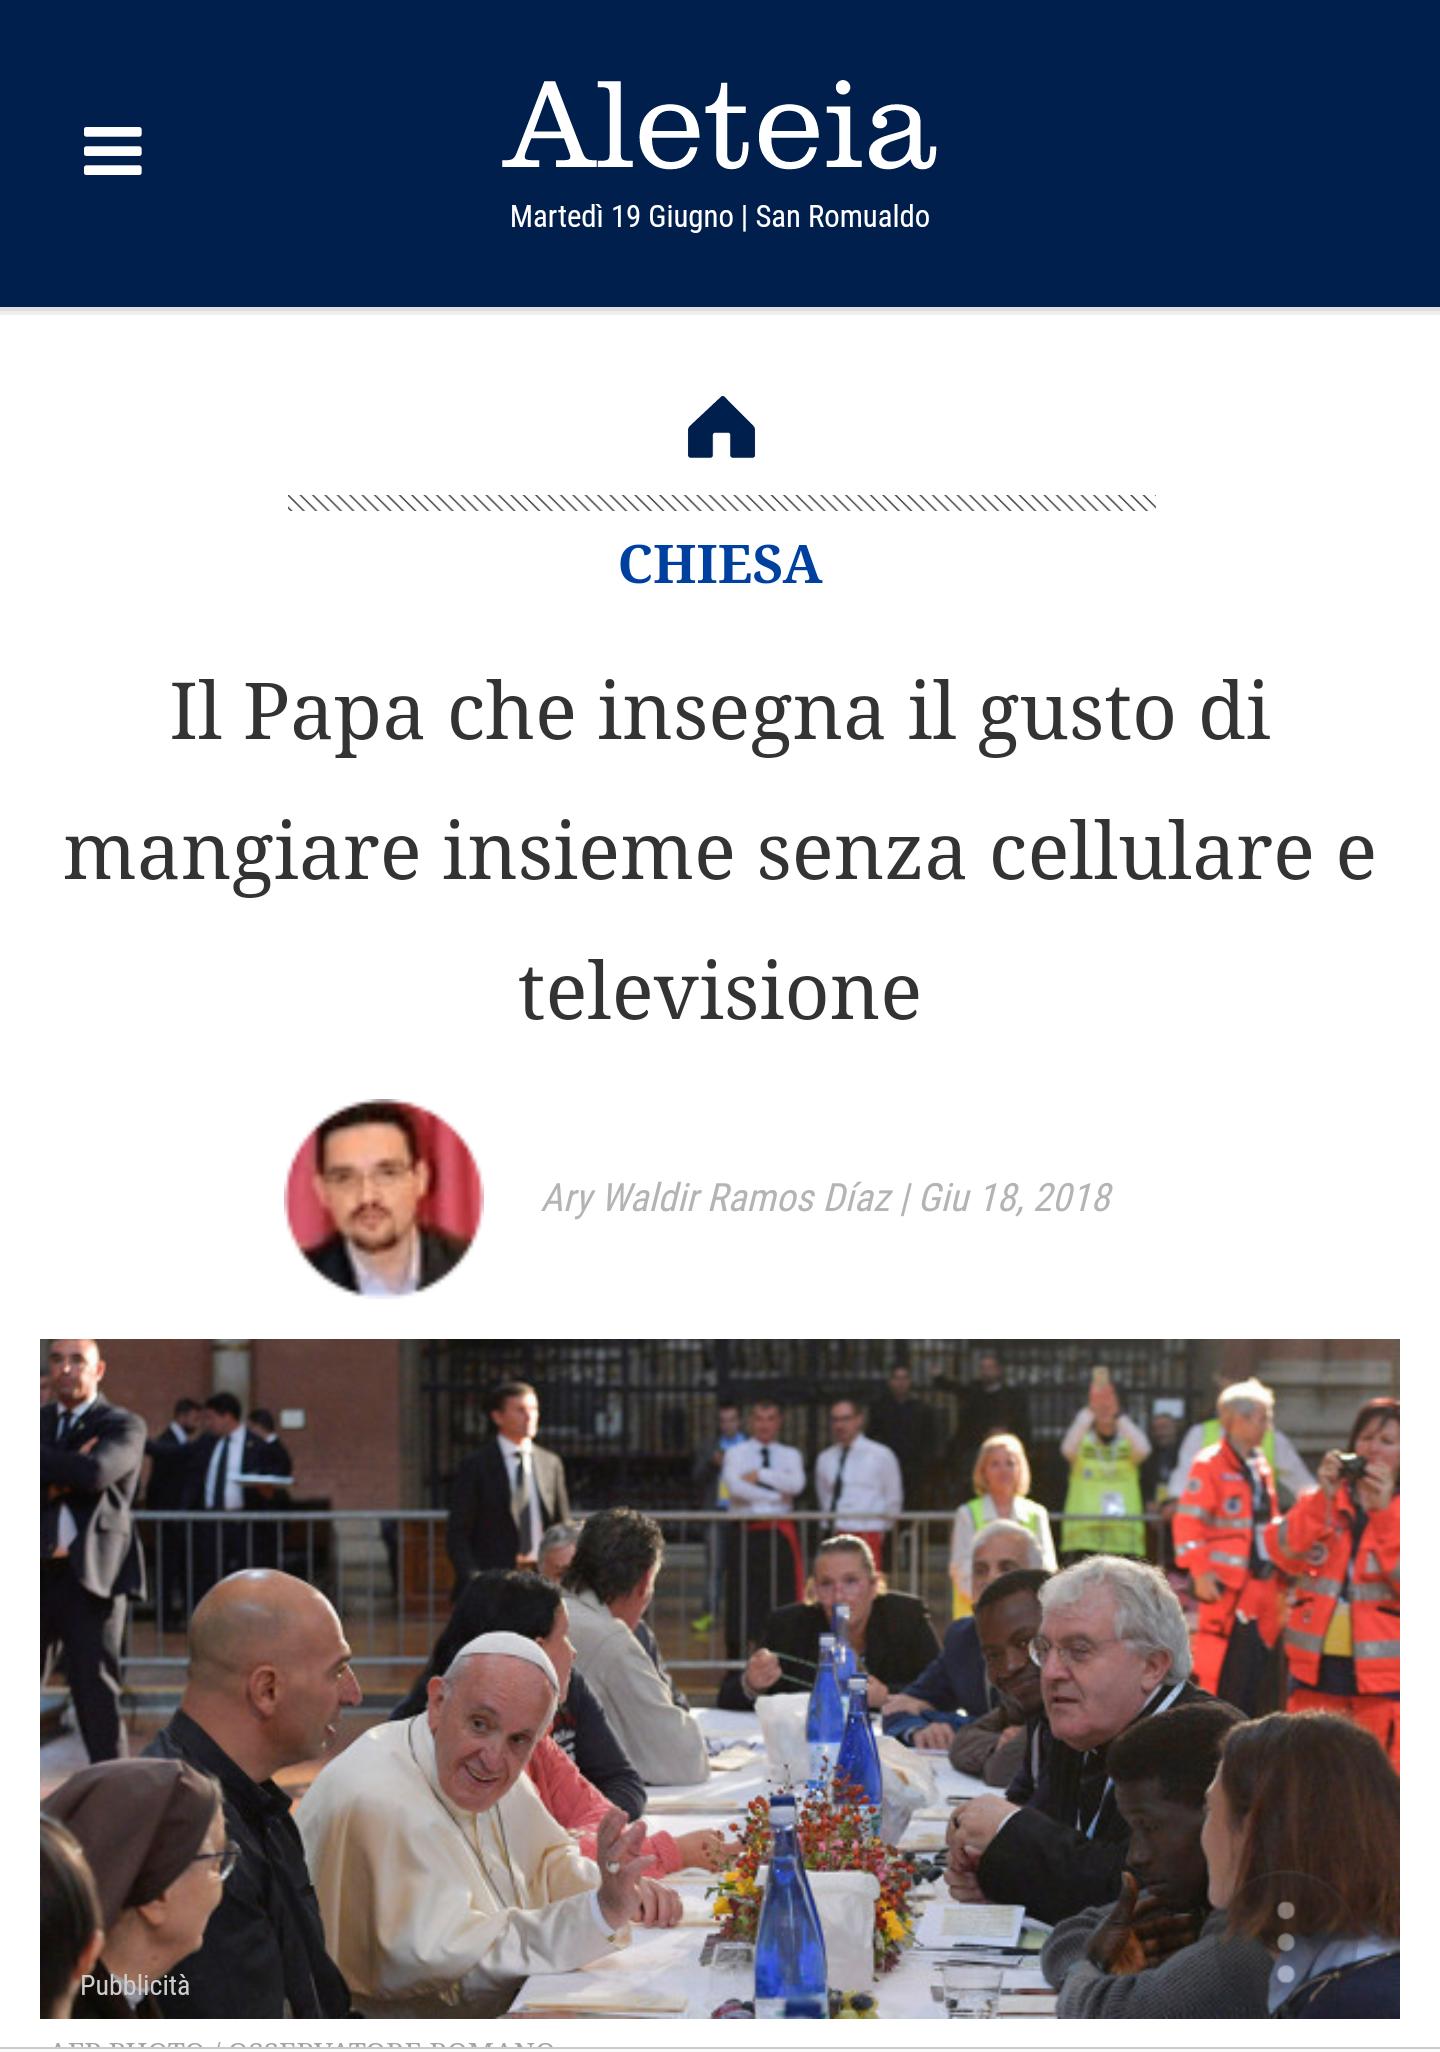 Aleteia Italia Giu 2018